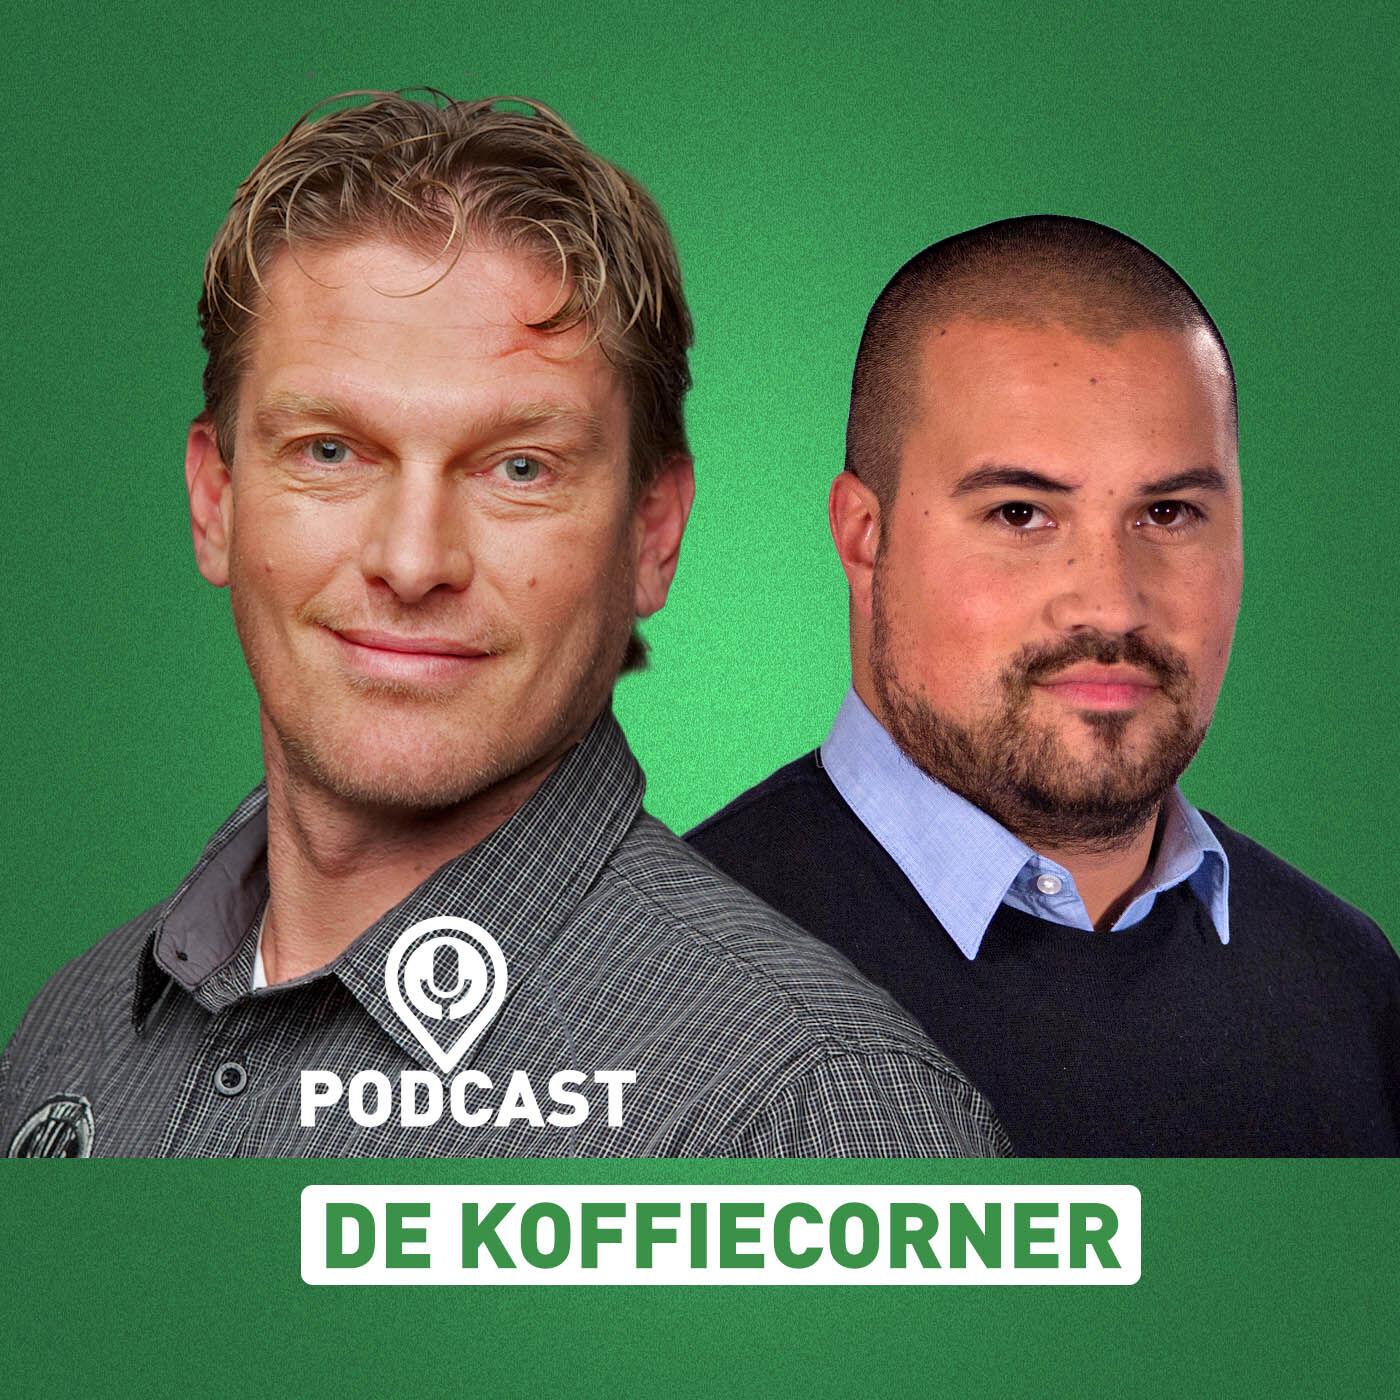 """De Koffiecorner #14: """"Ben bang dat er lijken uit de kast komen bij FC Groningen"""""""